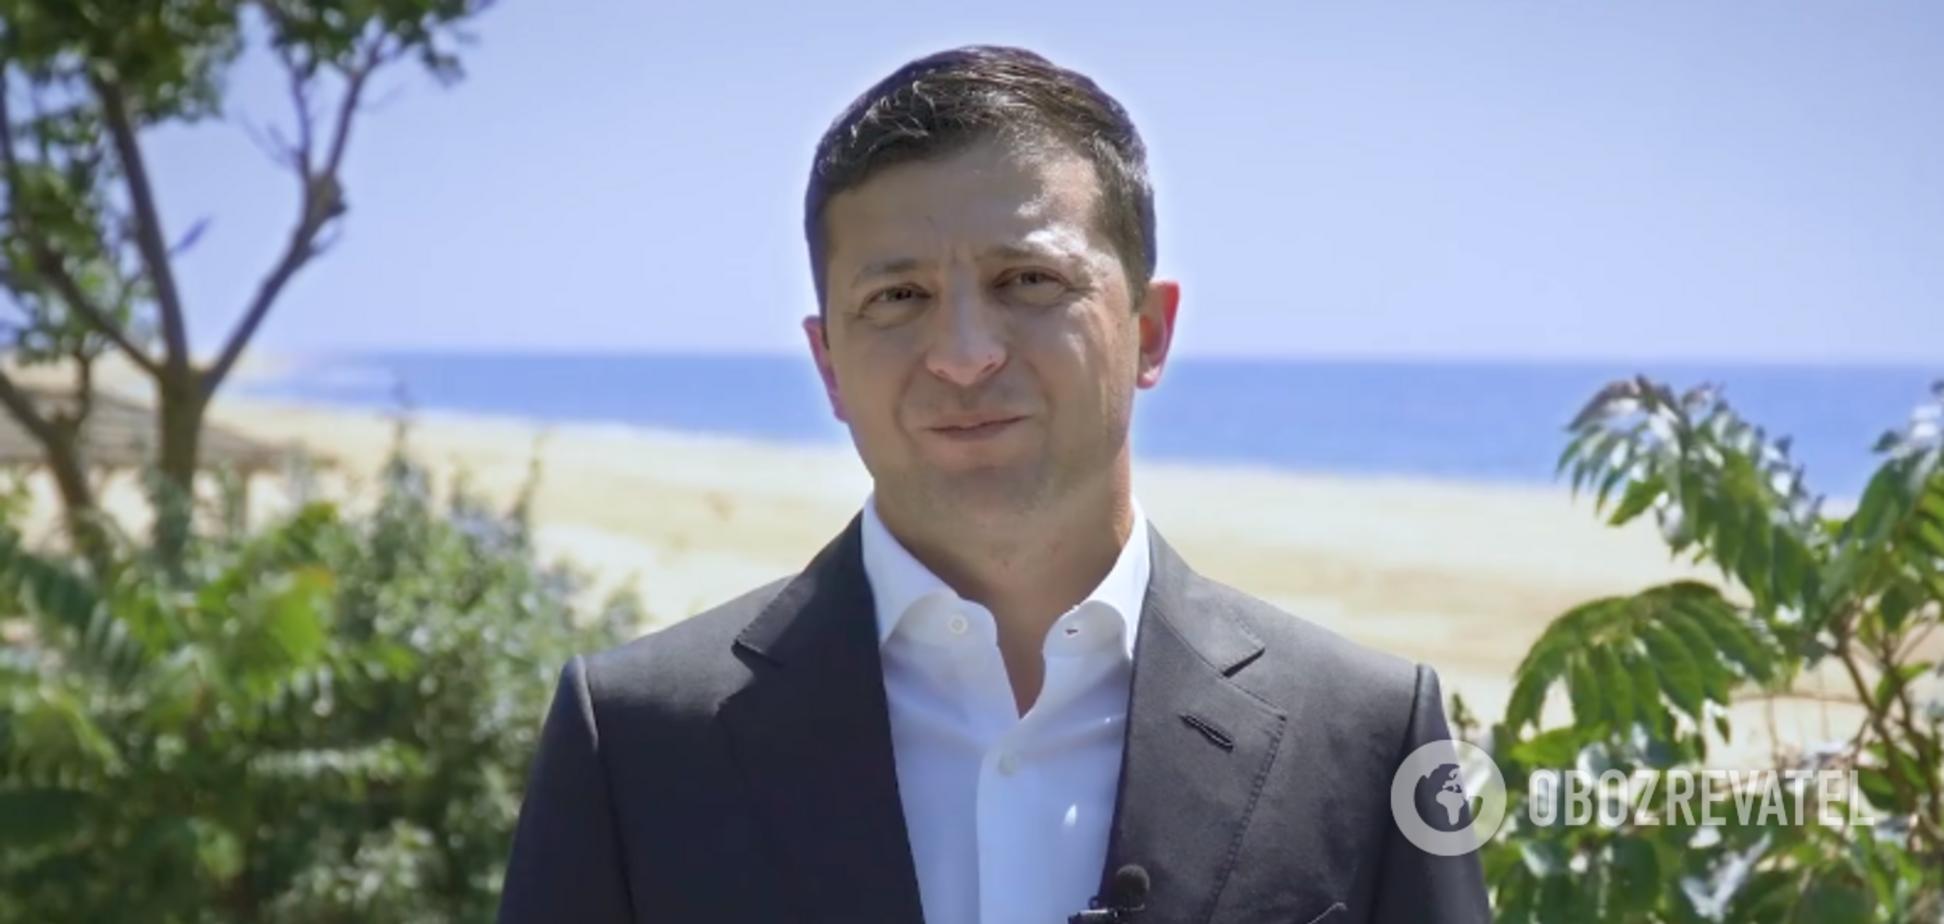 Зеленский на пляже записал видео ко Дню Конституции и пристыдил украинцев